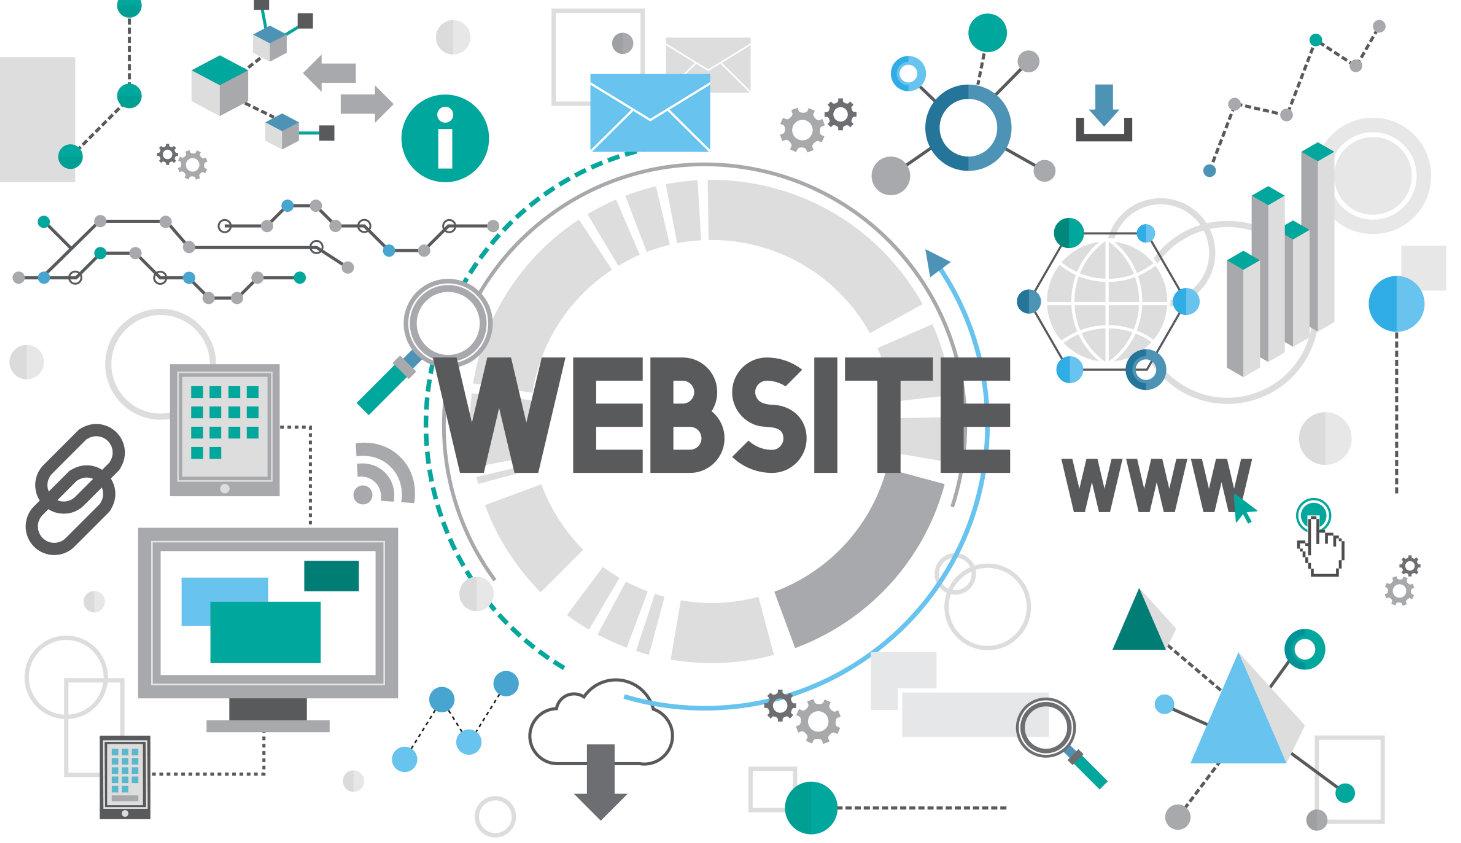 怎麼創造高銷售業績!專家教你最有效,免費提升網站SEO排名方法。關鍵字的整體性優化